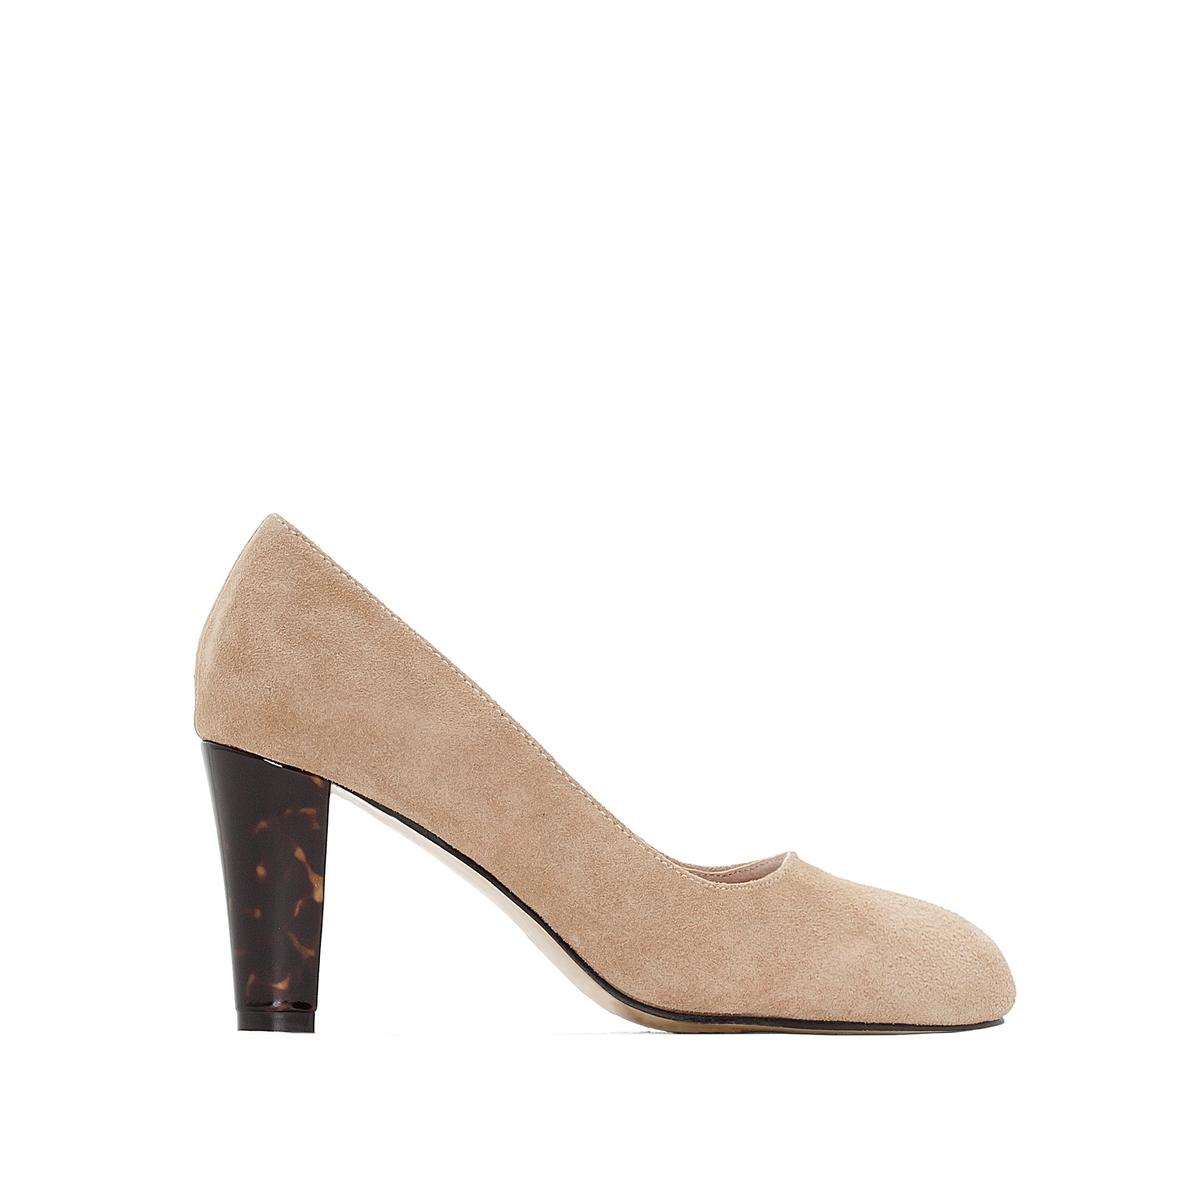 Туфли из невыделанной кожи на оригинальном каблукеТуфли Anne Weyburn. Красивый оригинальный каблук.Верх : невыделанная кожа.Подкладка : синтетика.Стелька : кожа с памятью формы.Подошва : эластомер.Высота каблука : 7 см.<br><br>Цвет: бежевый,бордовый<br>Размер: 37.35.36.39